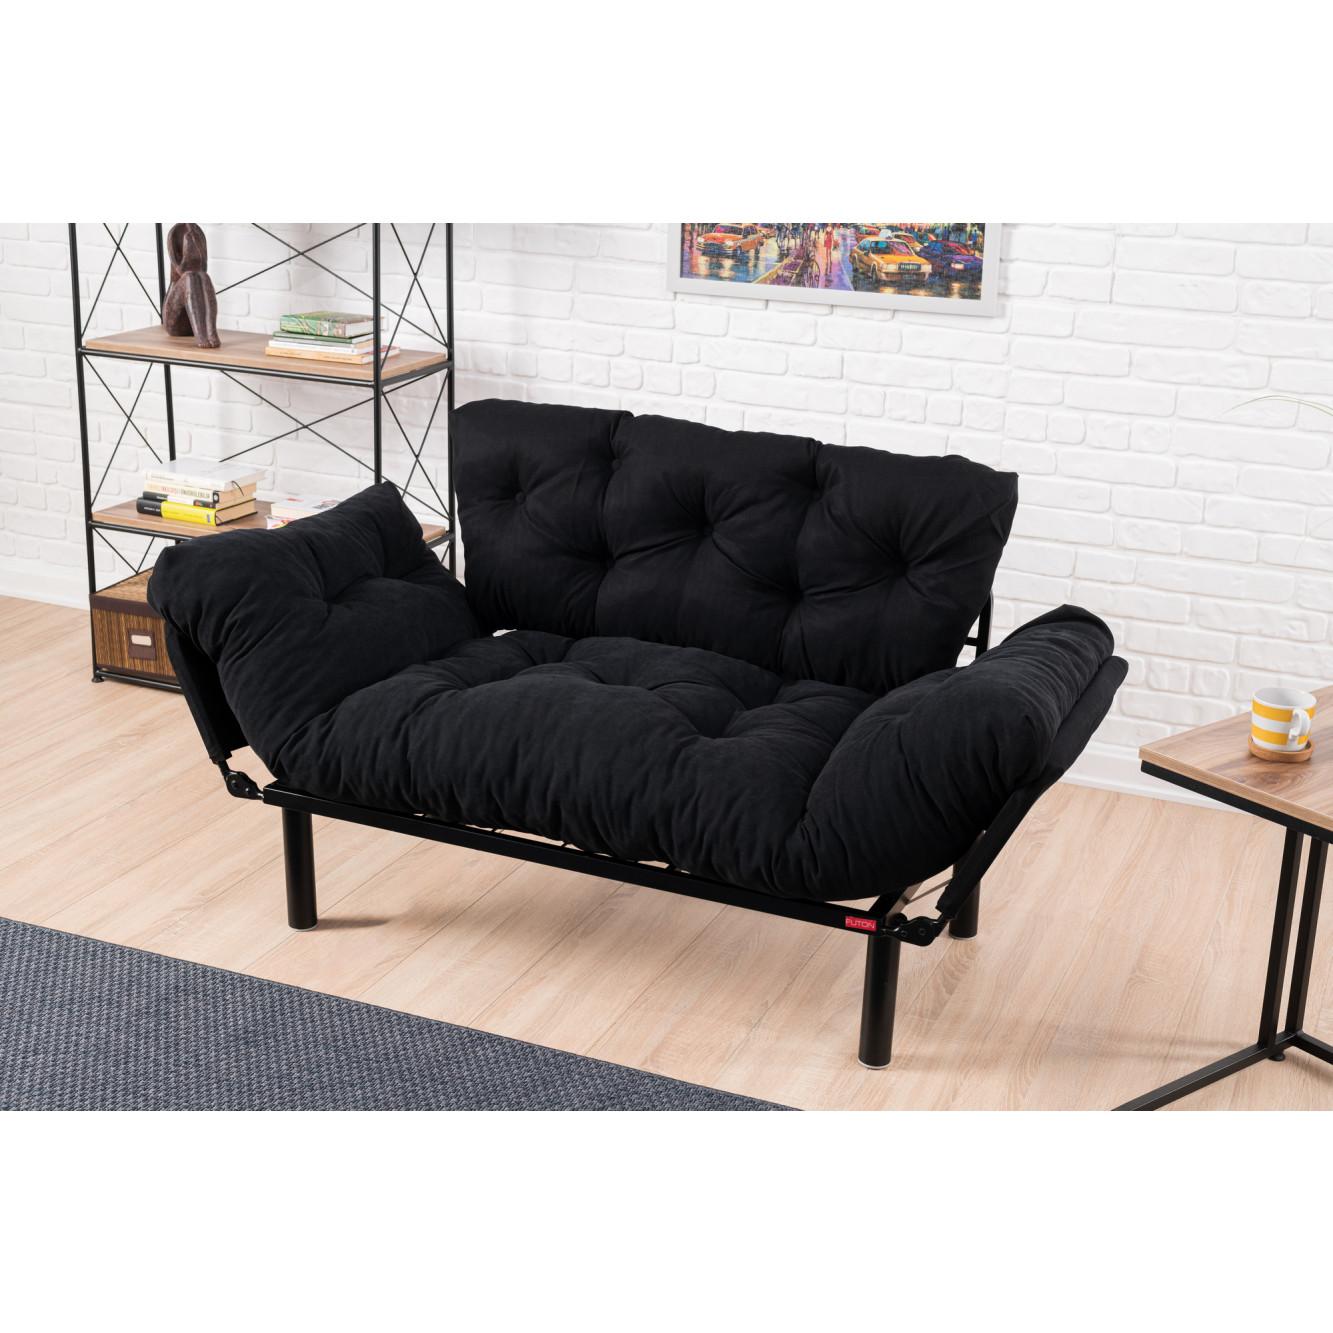 2-Sitz-Sofabett Nitta | Schwarz